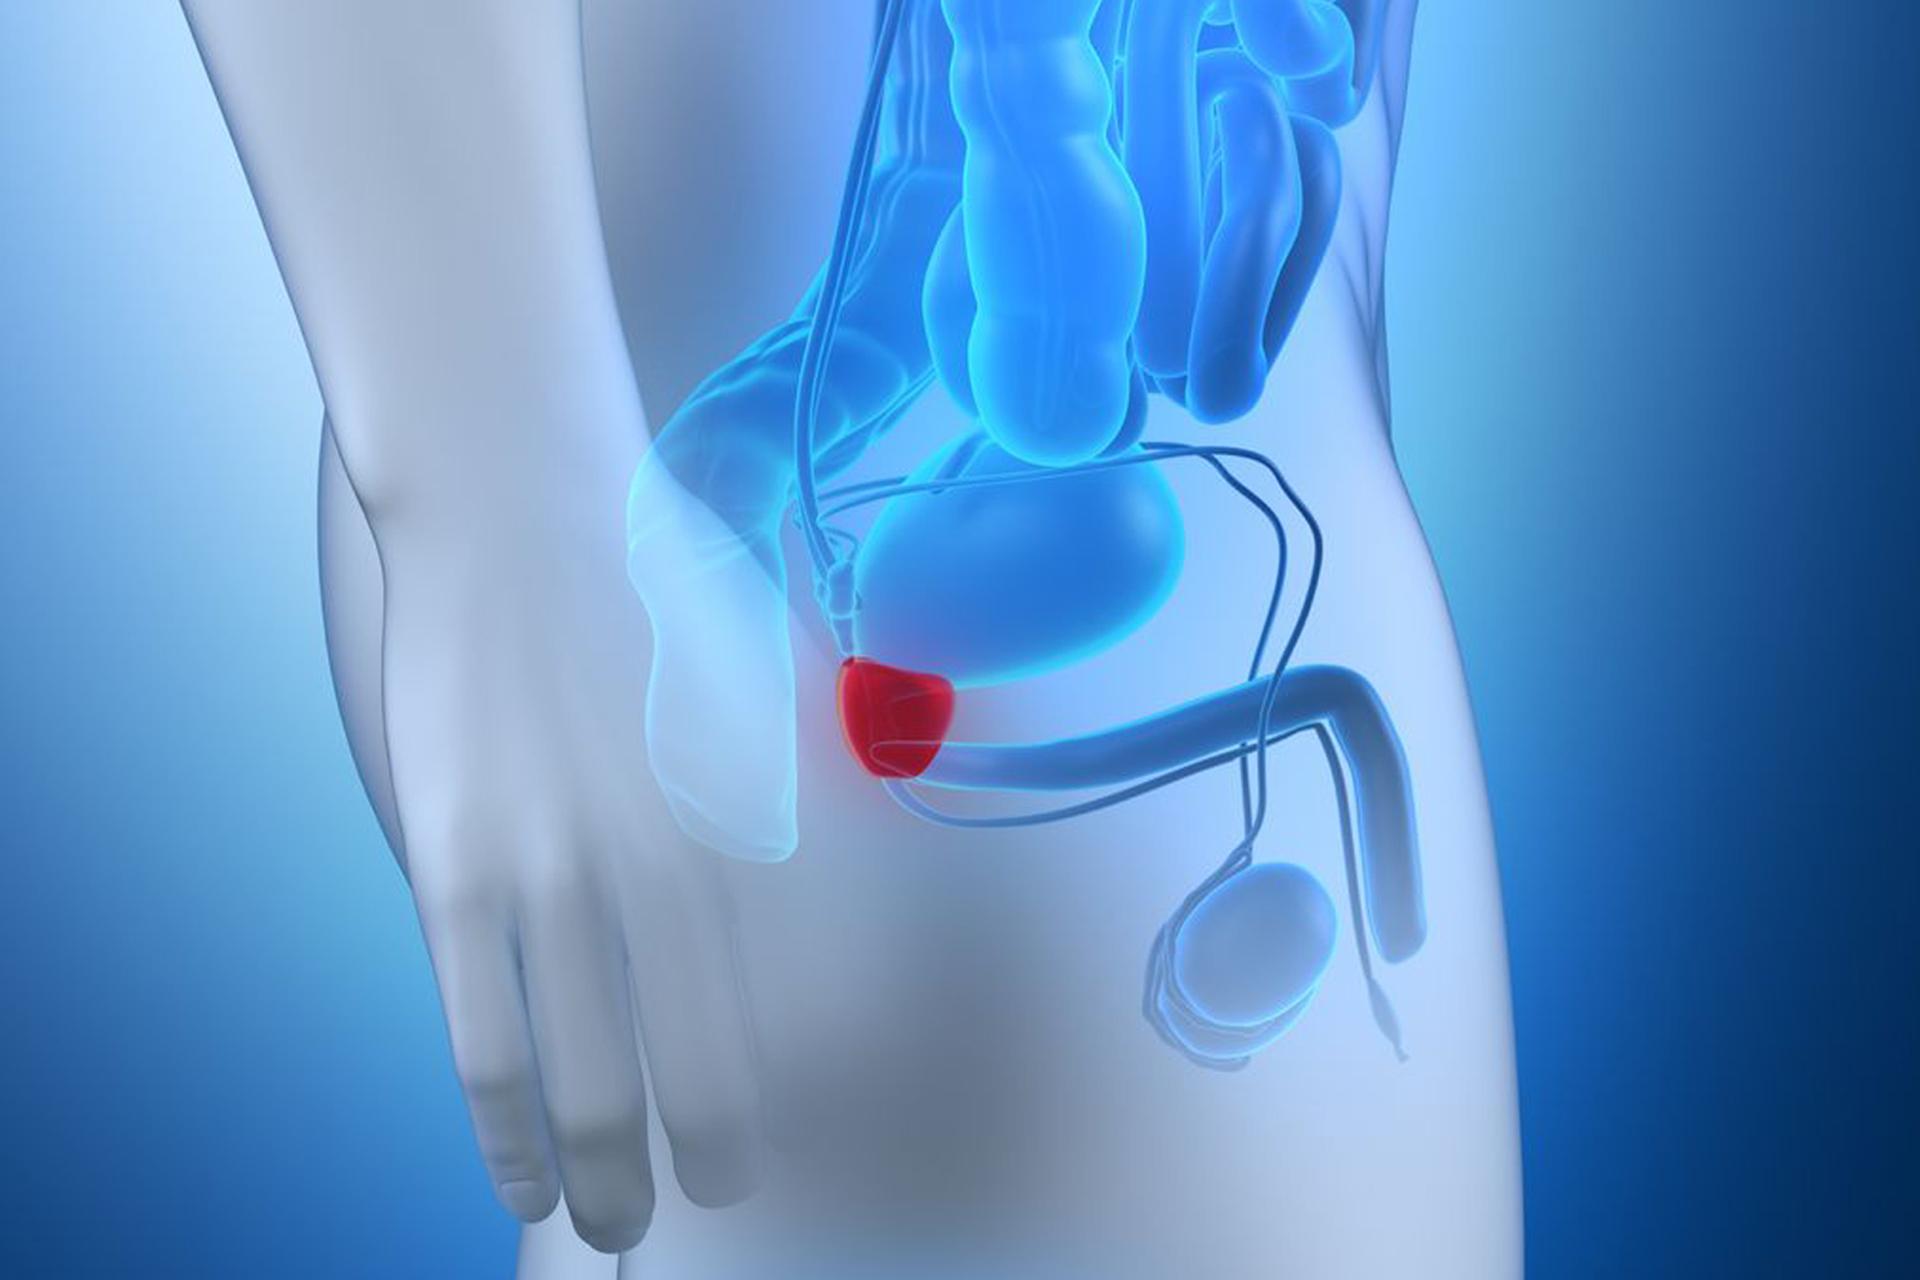 erecția sucului de prostată